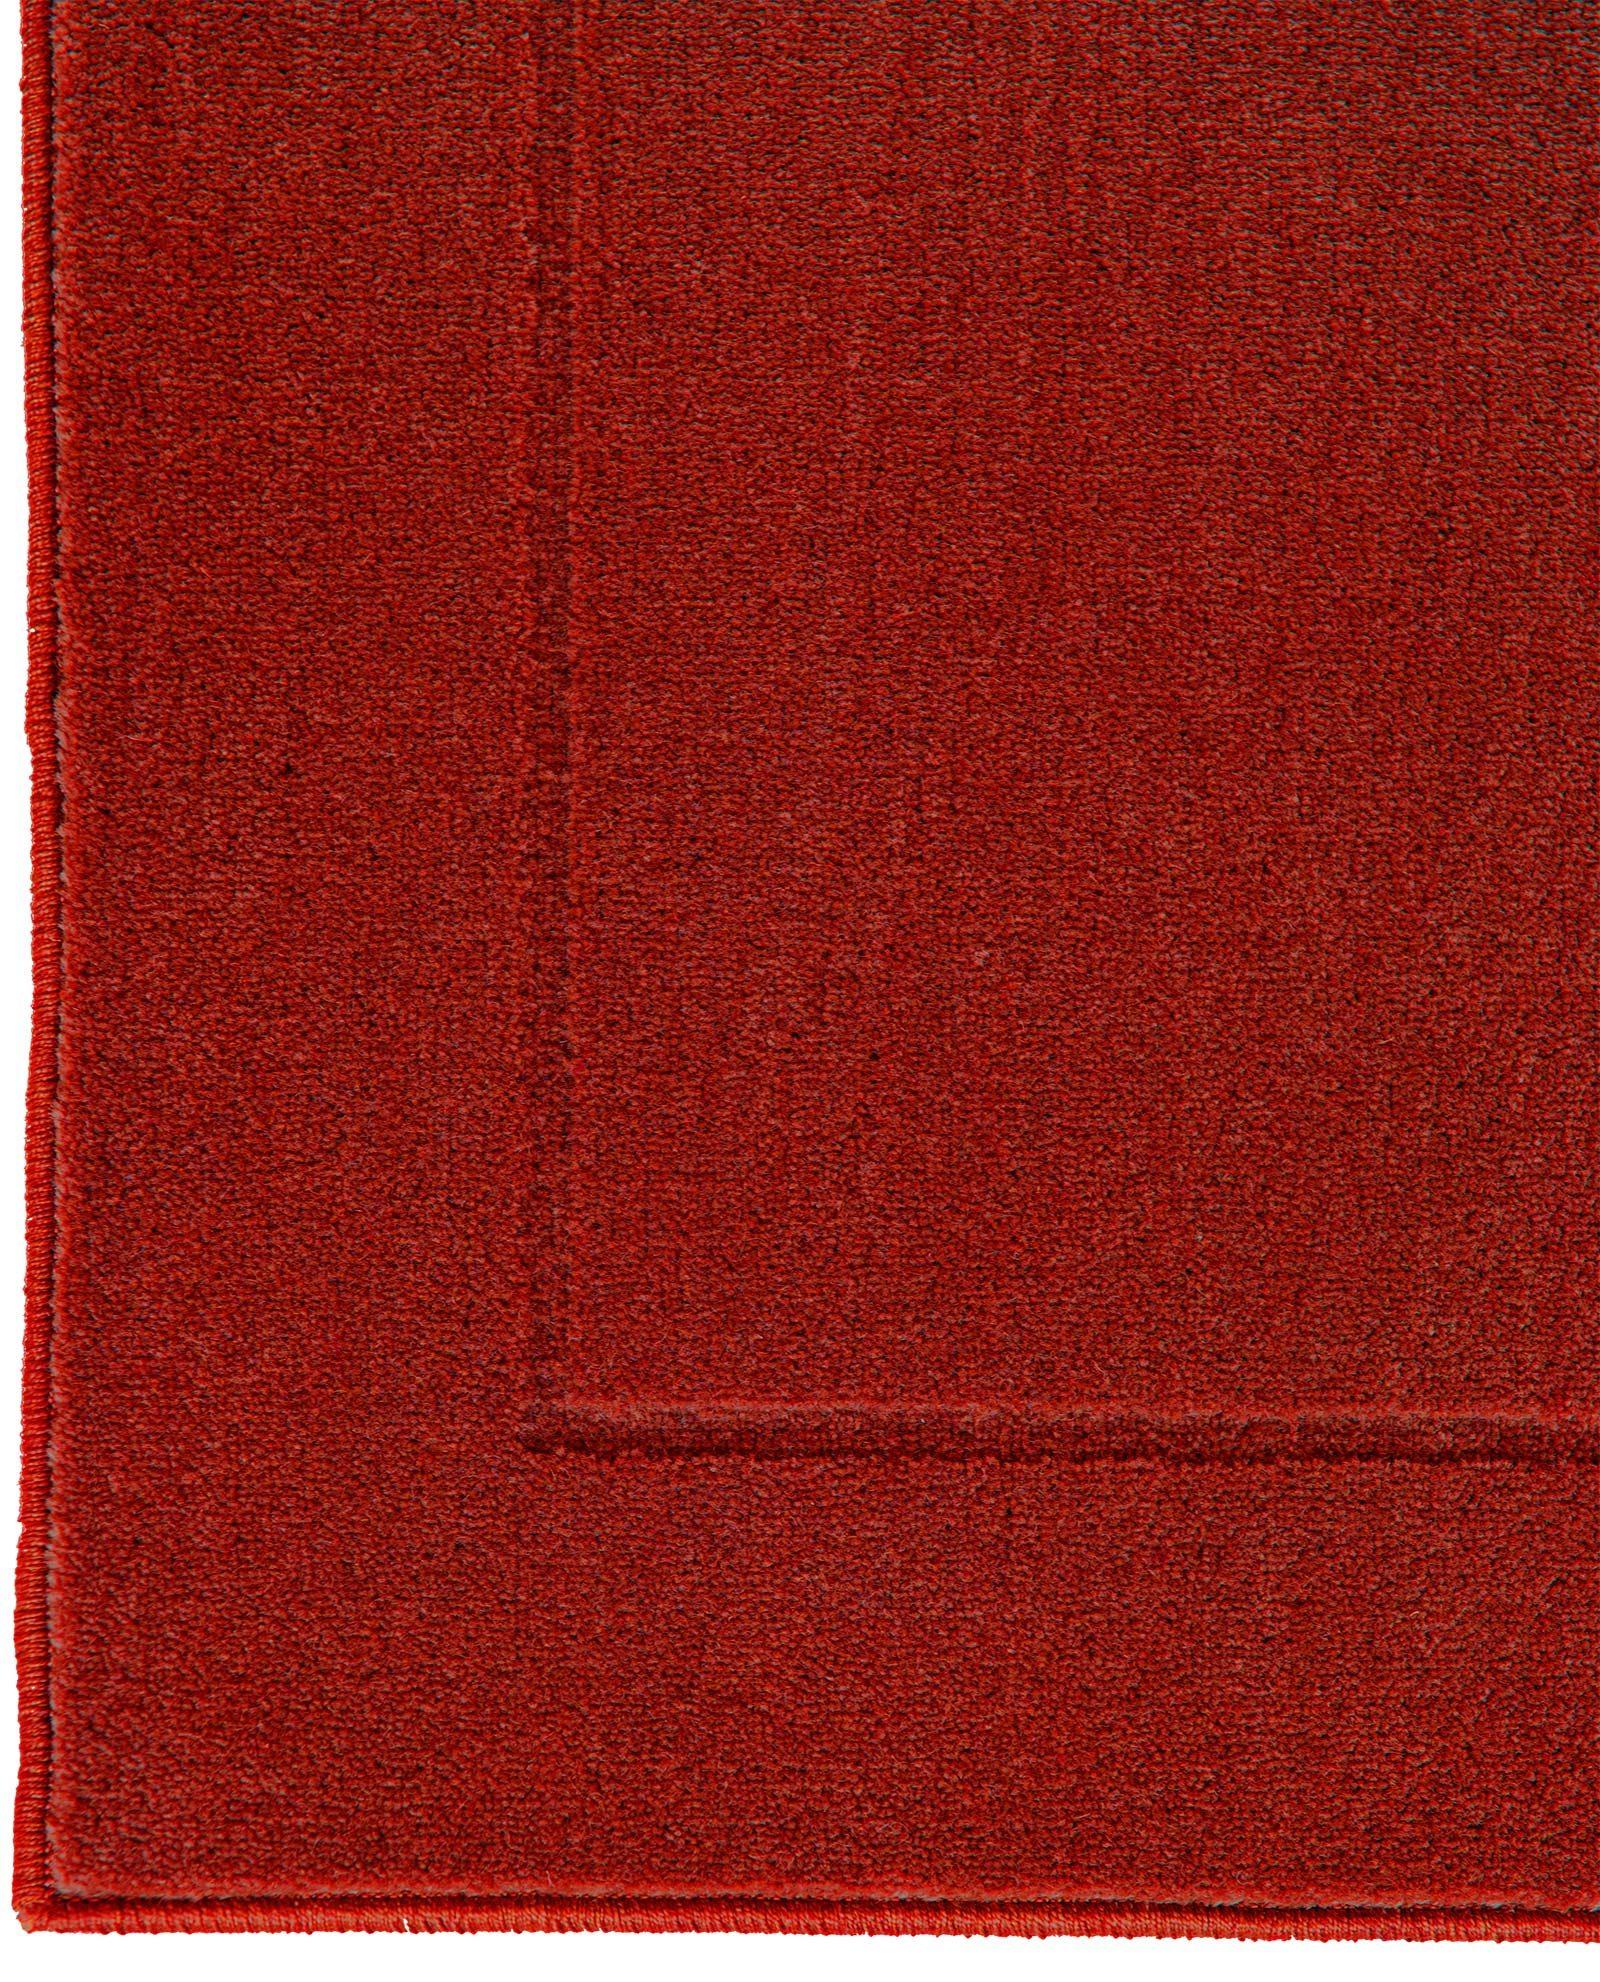 Louis De Poortere Wilton Rugs W Carved Richelieu Velours RV5 5501